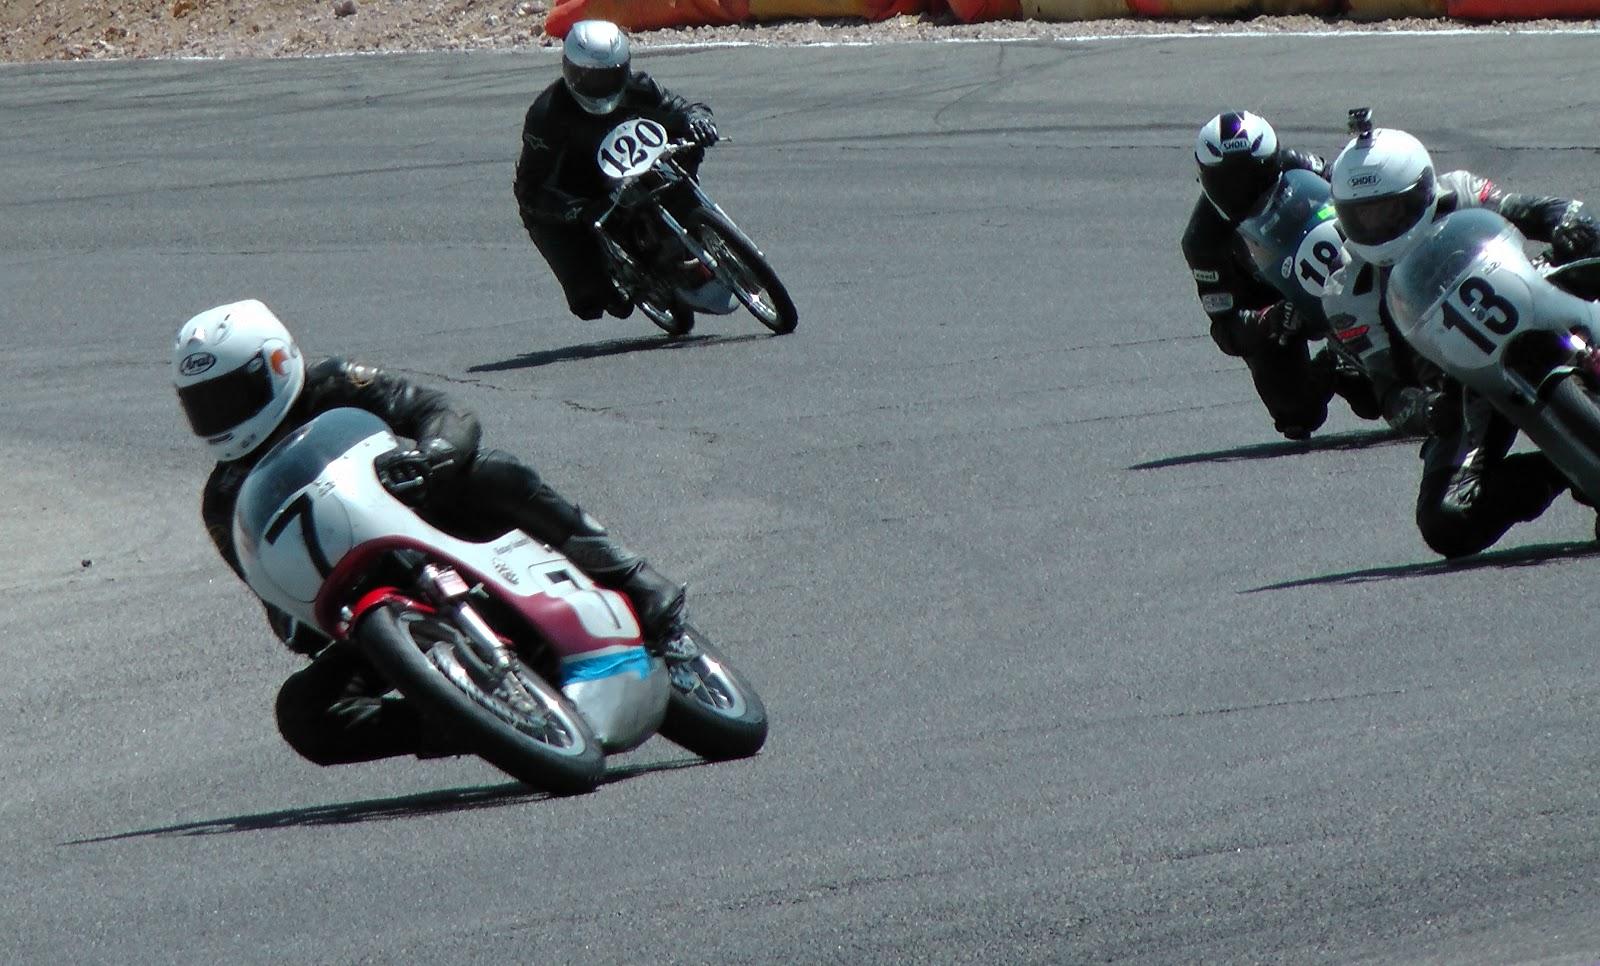 Dave Roper Racing